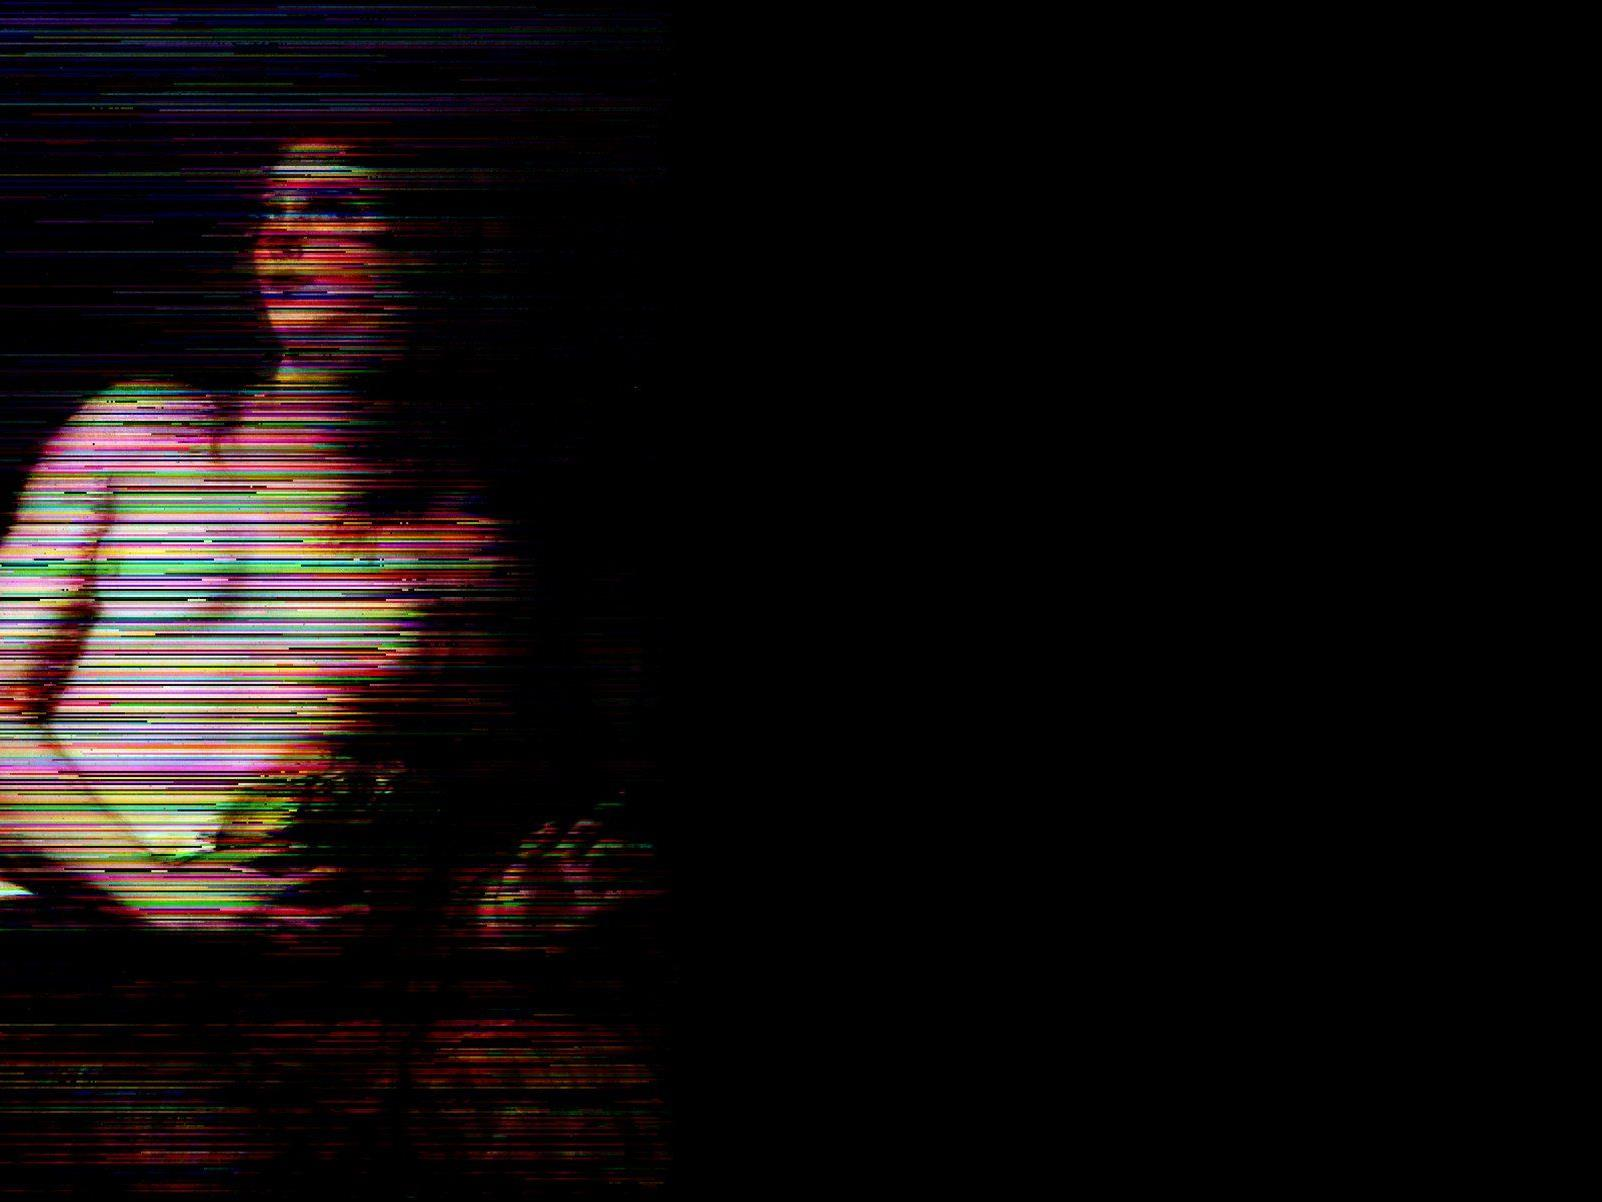 Eine fotografisch-künstlerische Auseinandersetzung zur biblischen Gestalt Maria-Magdalena.